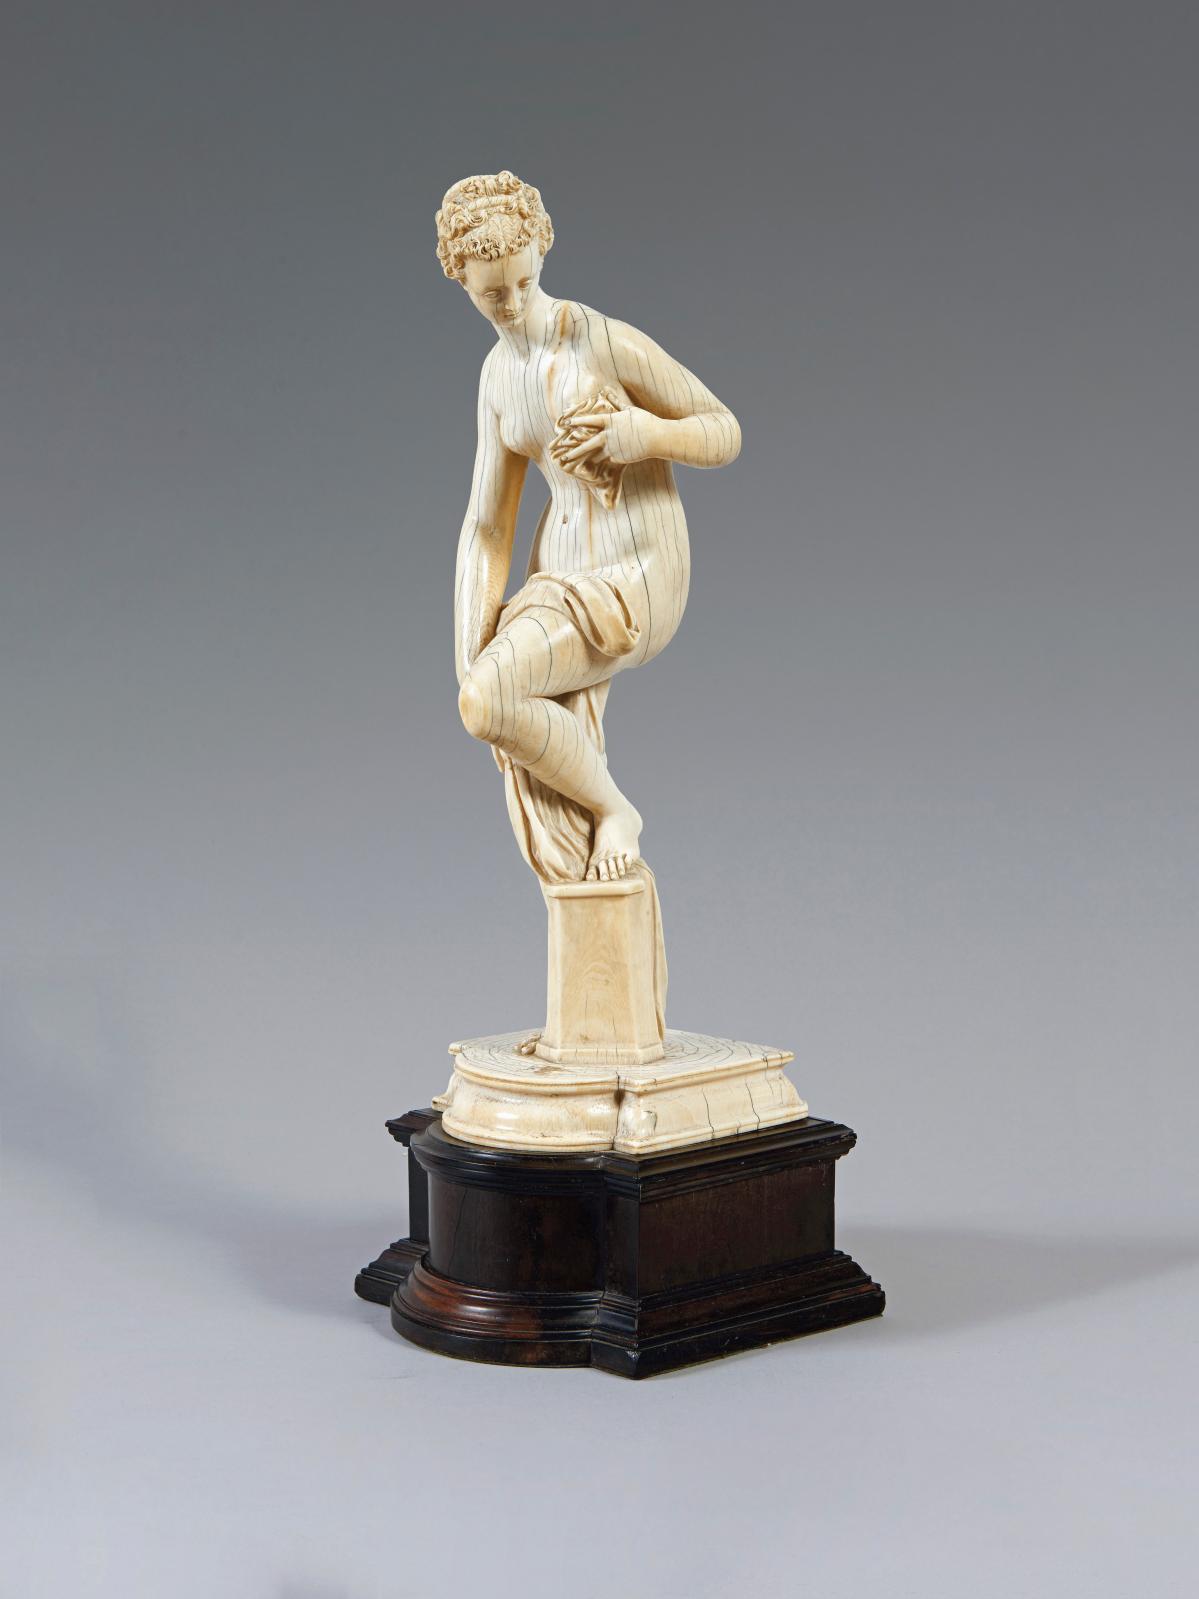 Statuette en ivoire sculpté représentant Vénus sortant du bain, d'après le modèle de Jean deBologne, probablement fin du XVIIIe ou début du XIXesièc